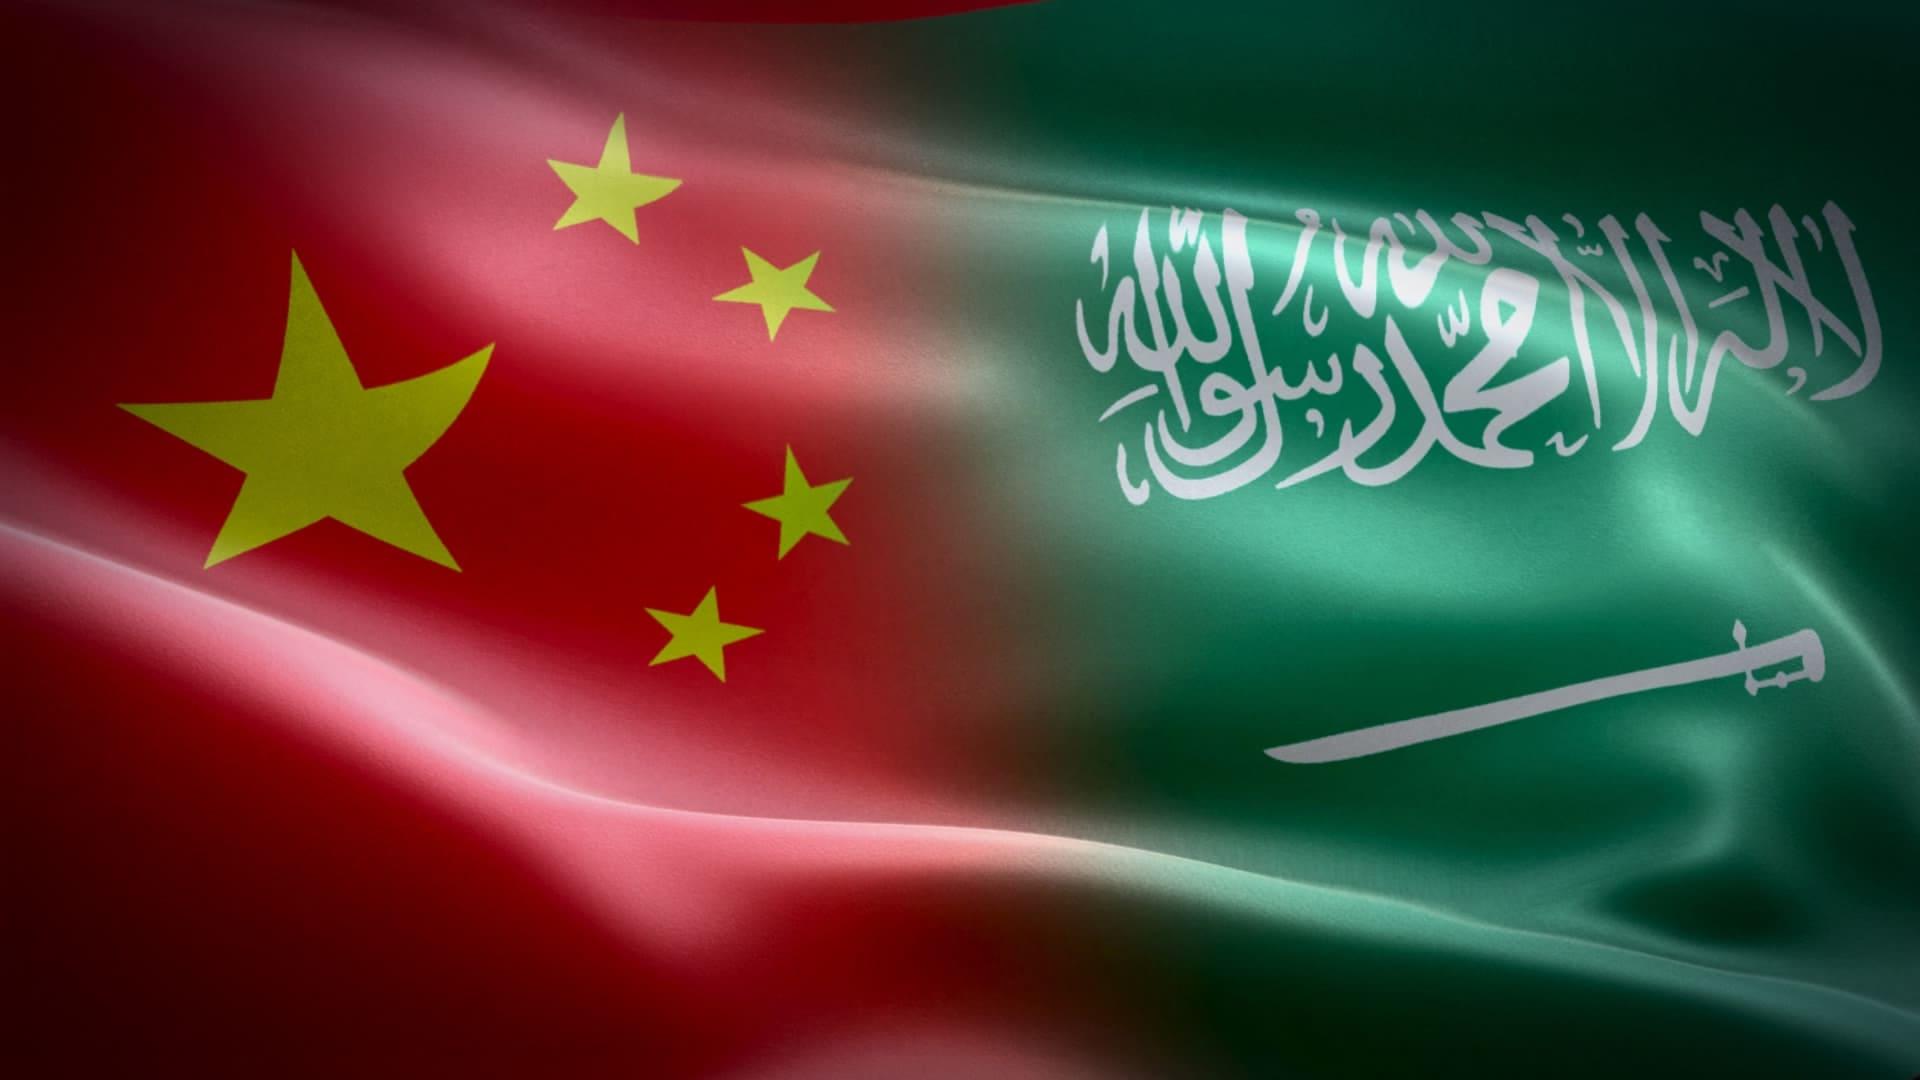 موعد مباراة السعودية والصين..تصفيات كاس العالم آسيا